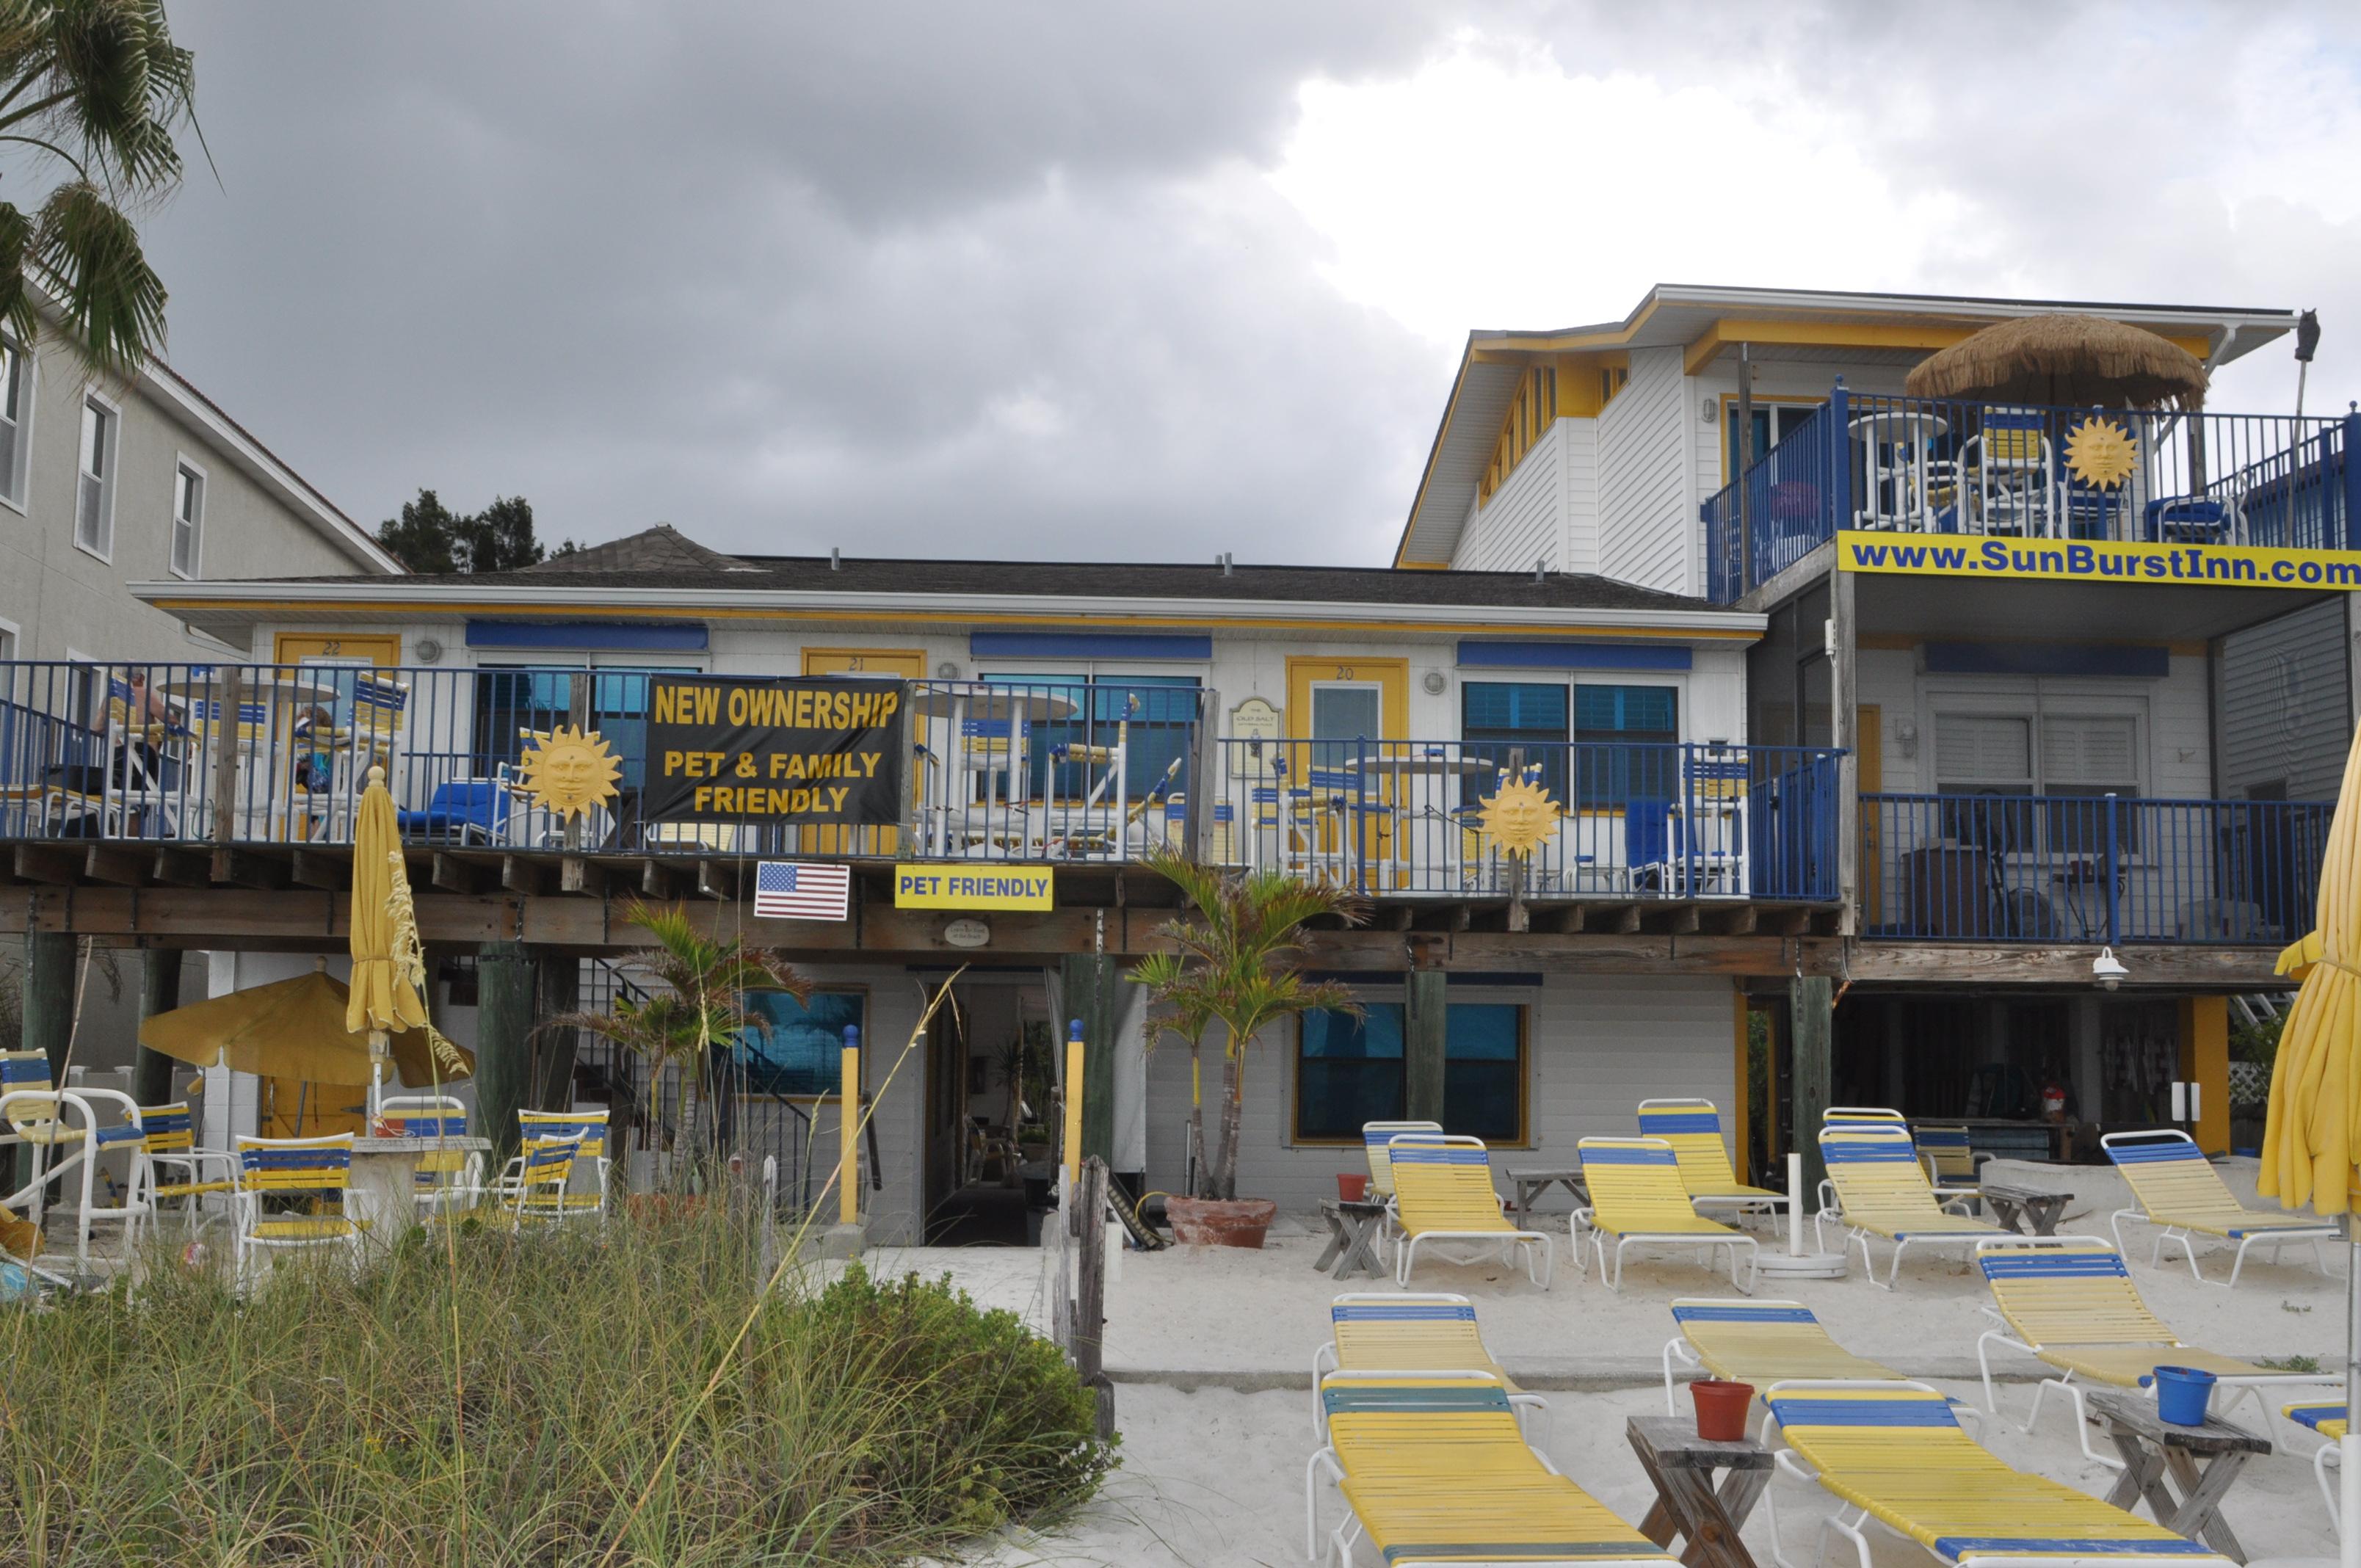 Sun Burst Inn